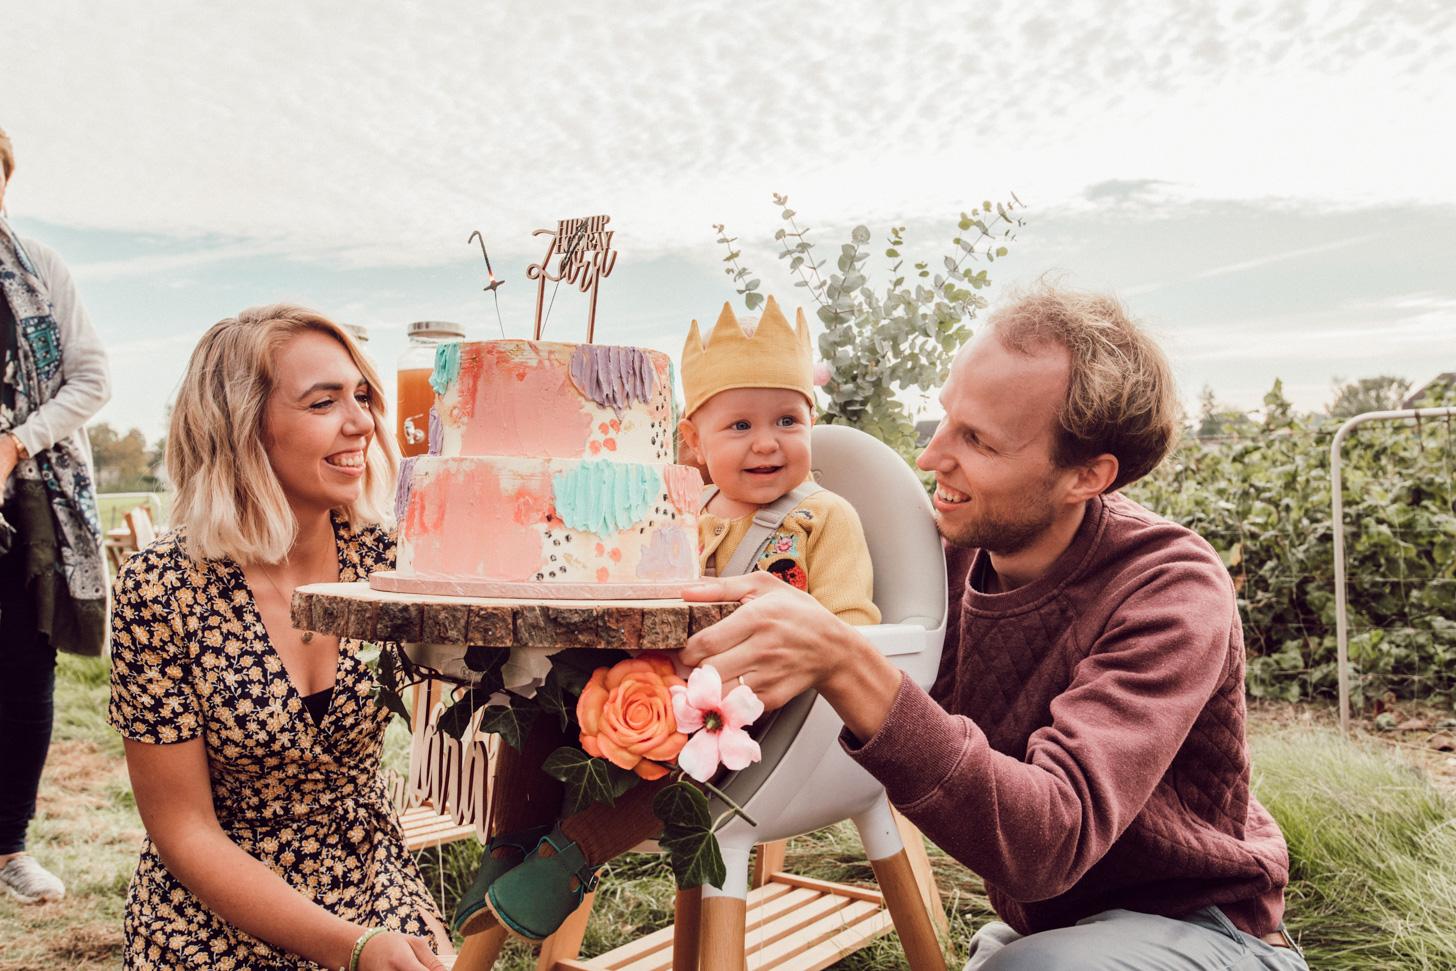 eerste verjaardag tips, eerste verjaardag organiseren